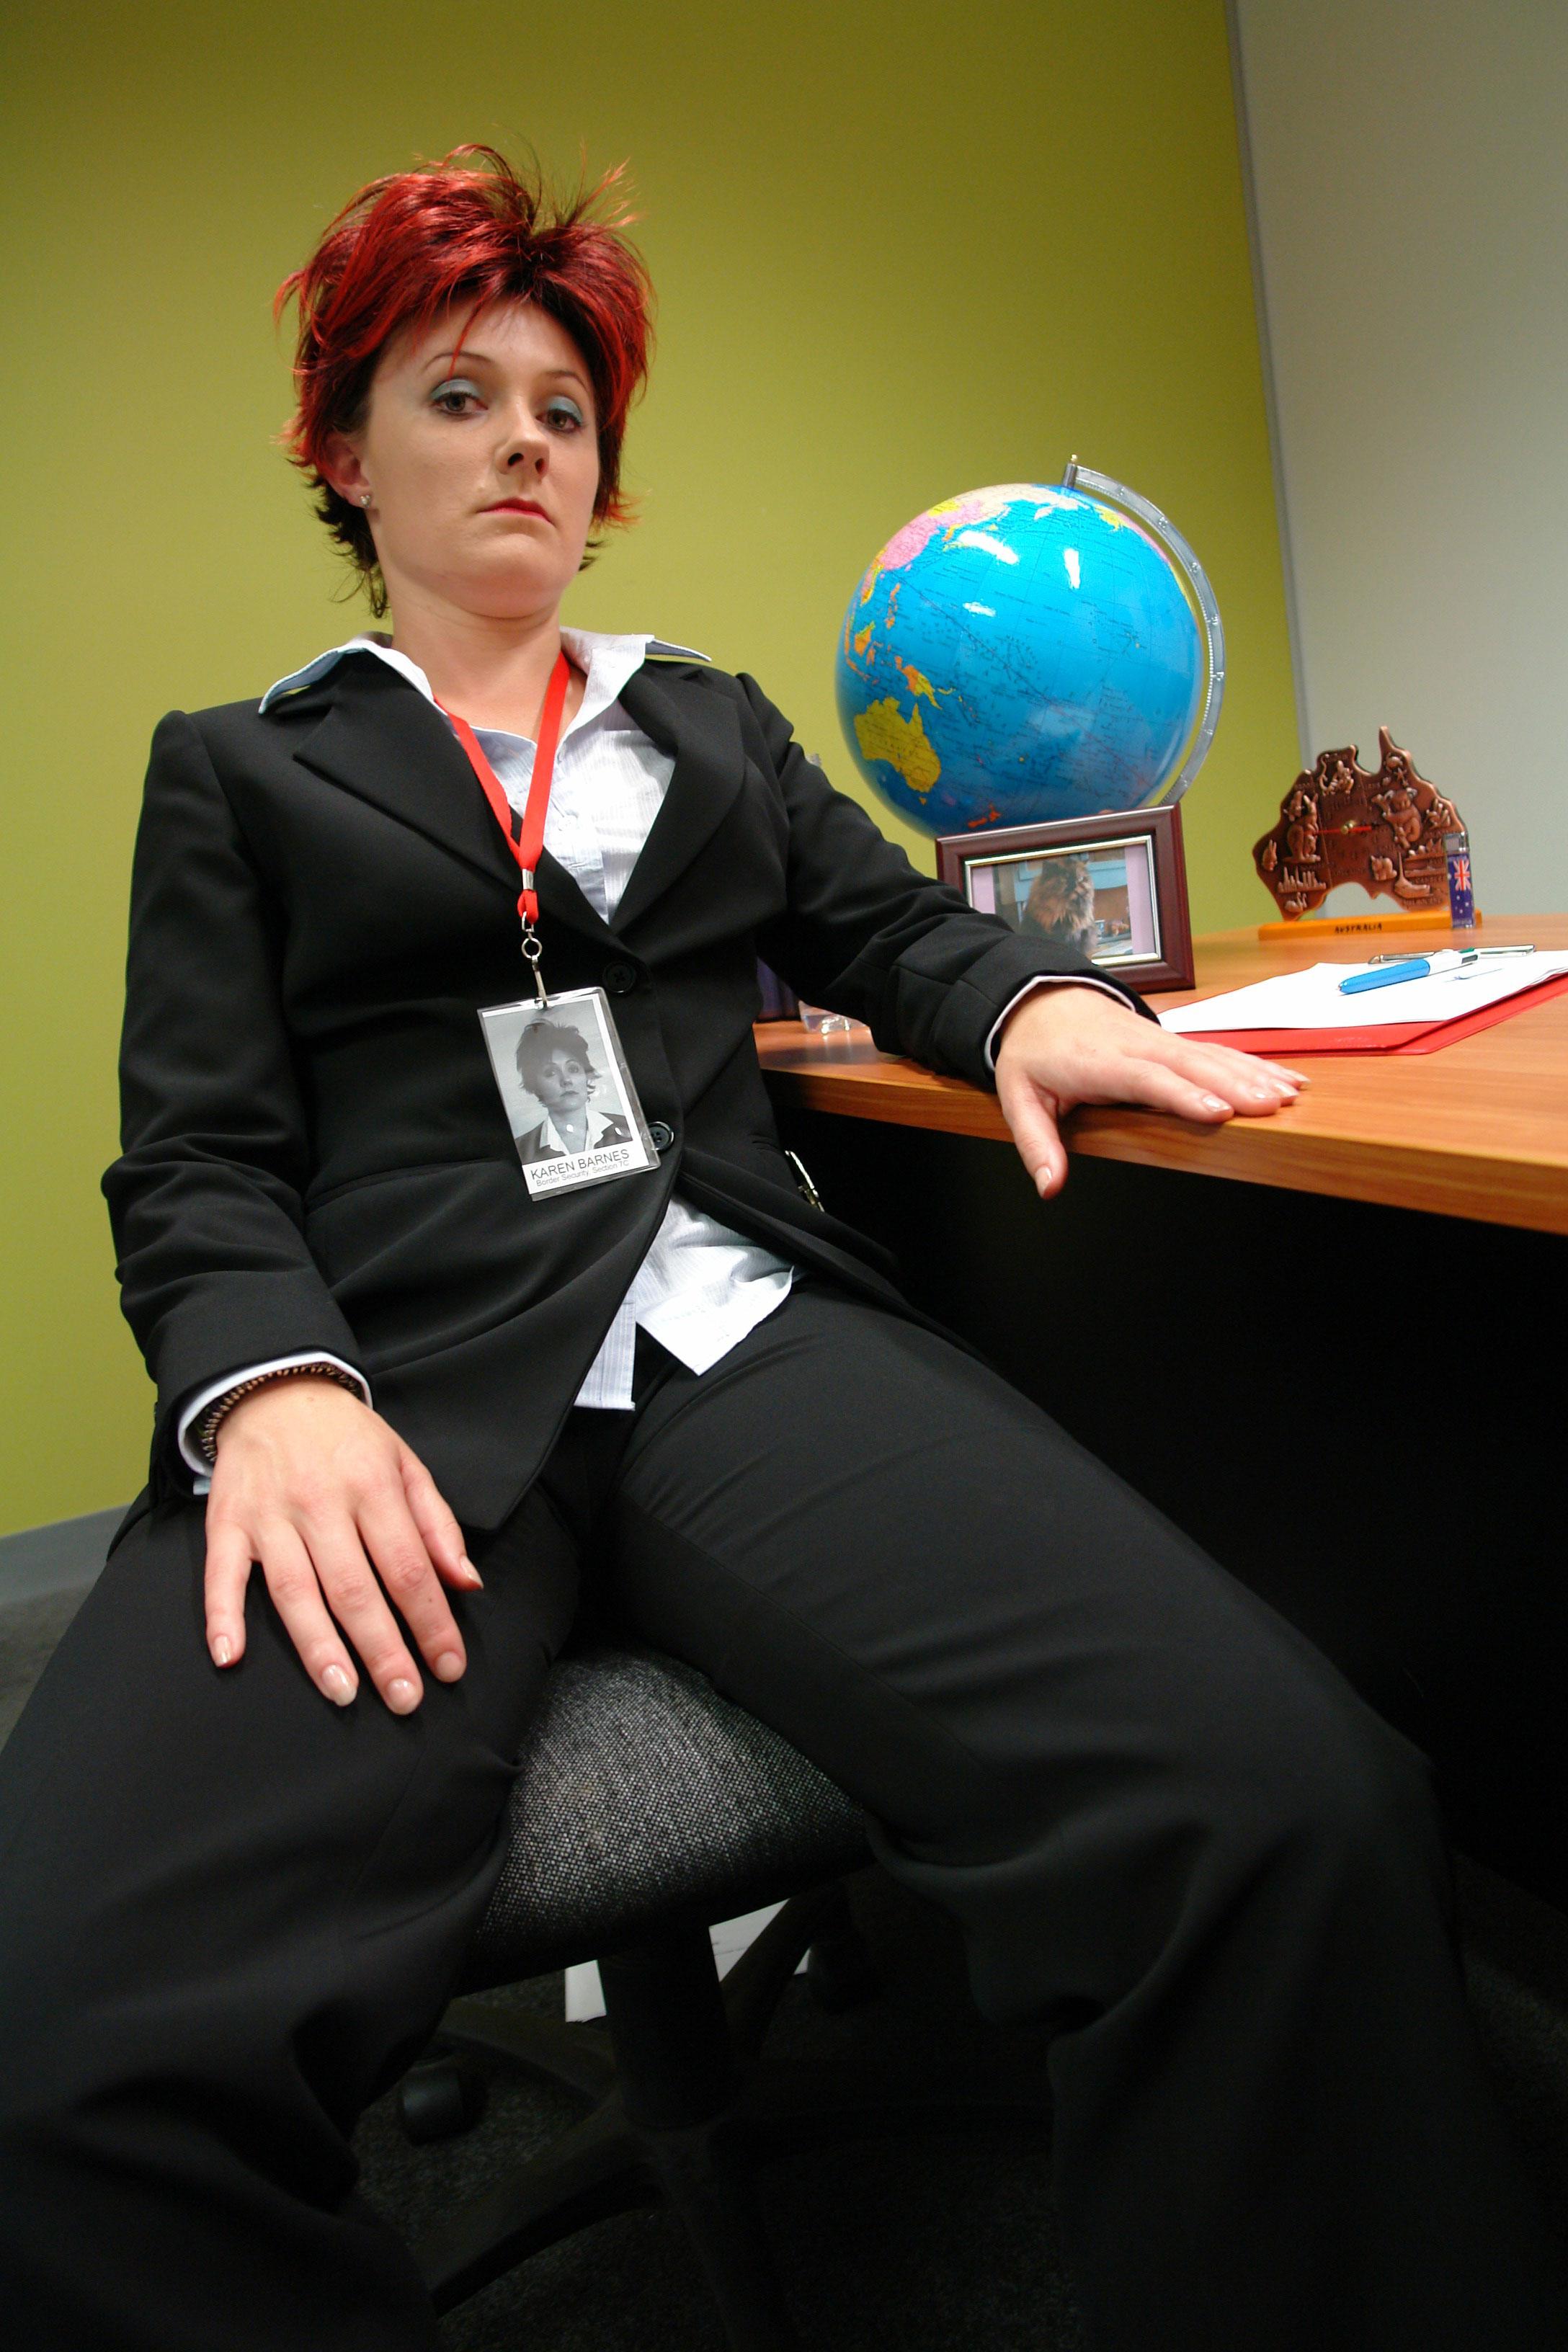 Karen-Barnes-at-work.jpg